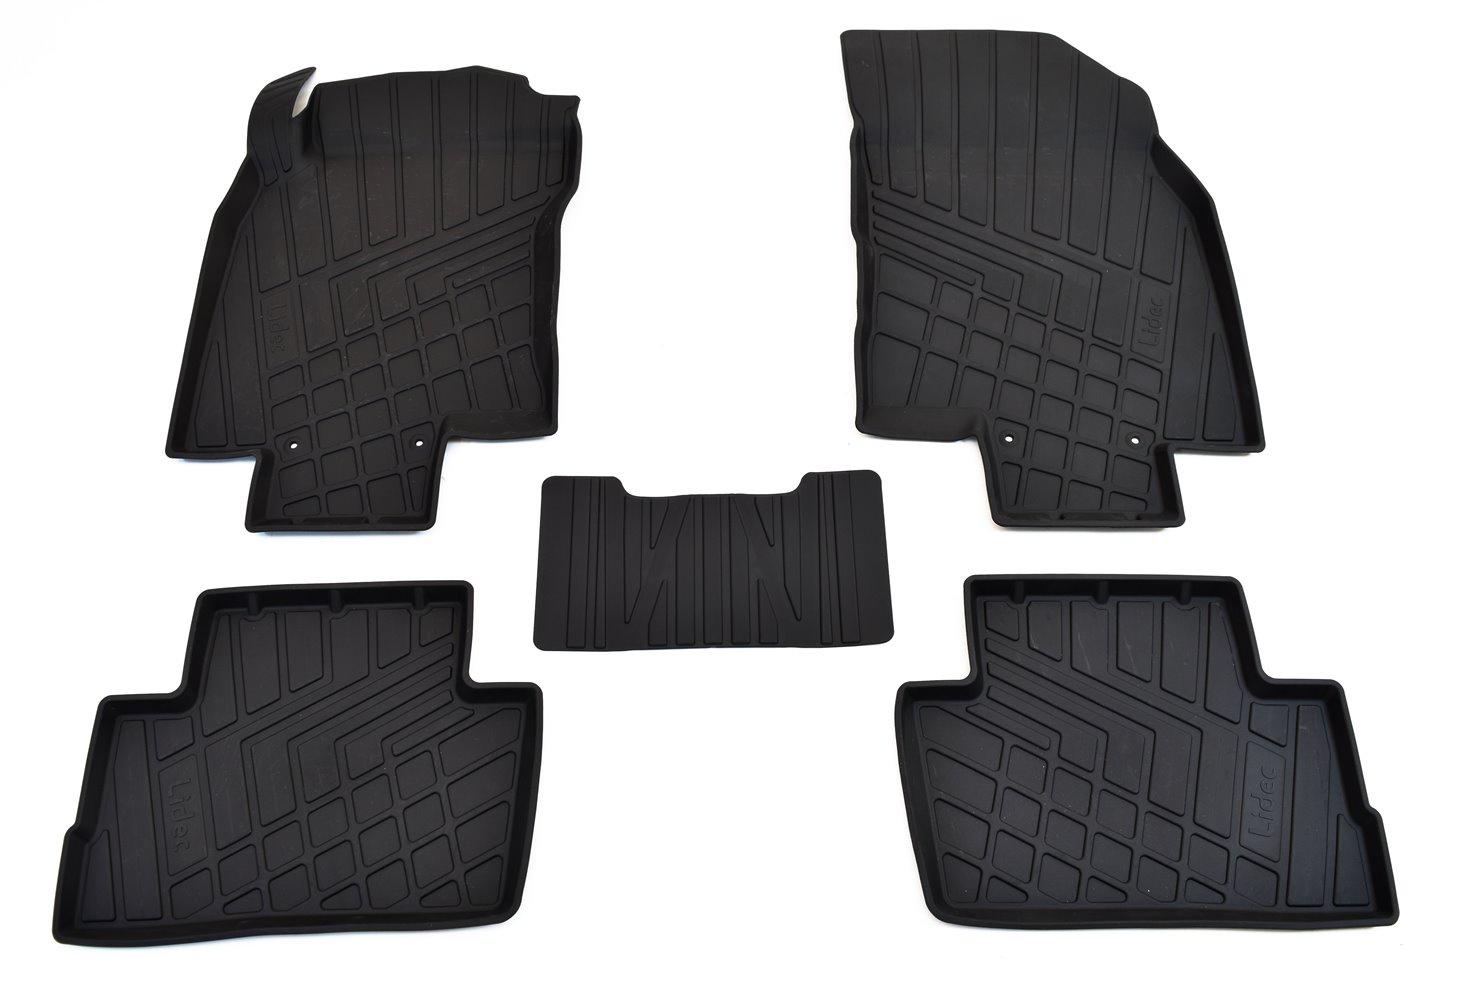 Коврики в салон автомобиля Avtodriver литьевые для Vaz Lada Kalina (2004), Np11-Ldc-94-080, черный gm ldc 300o